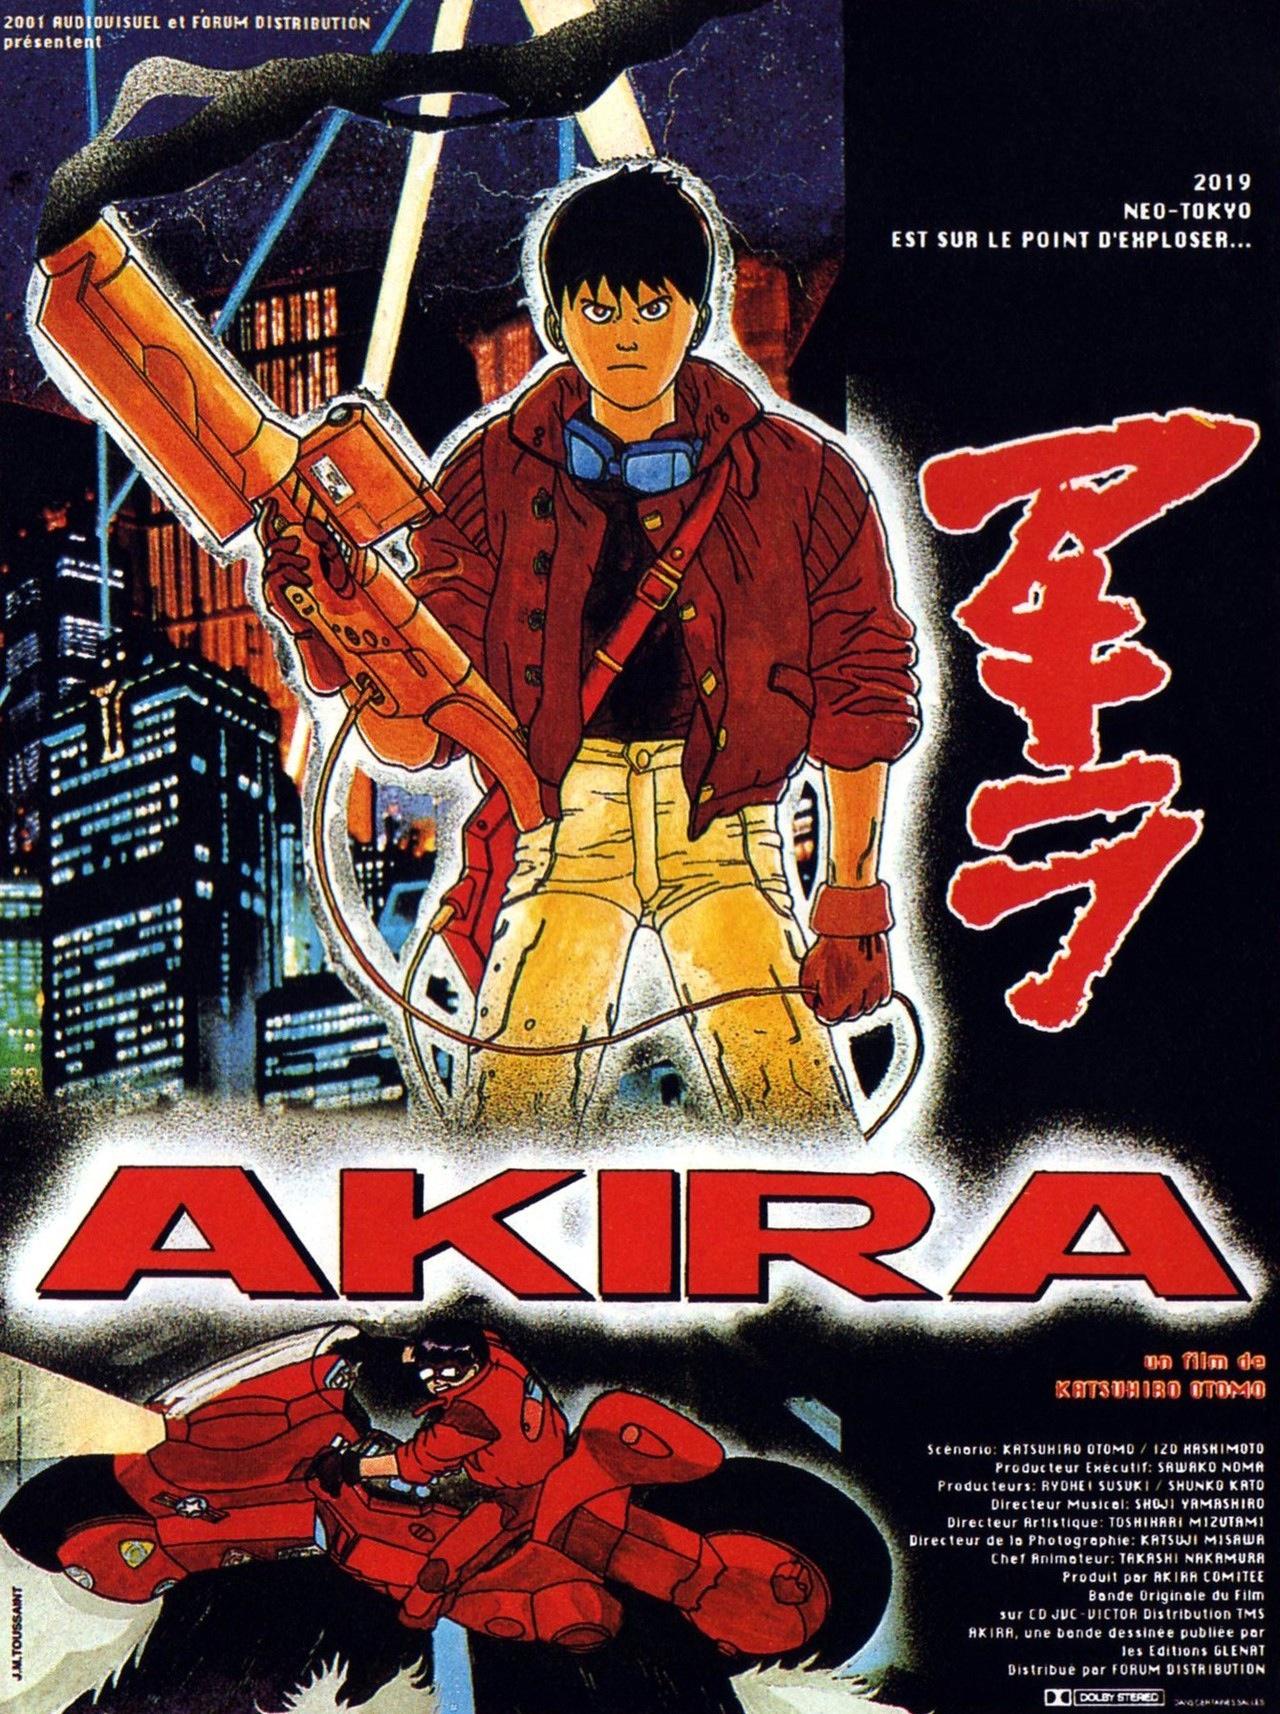 Akira-movie_poster-03-fuckyeahmovieposters.jpeg